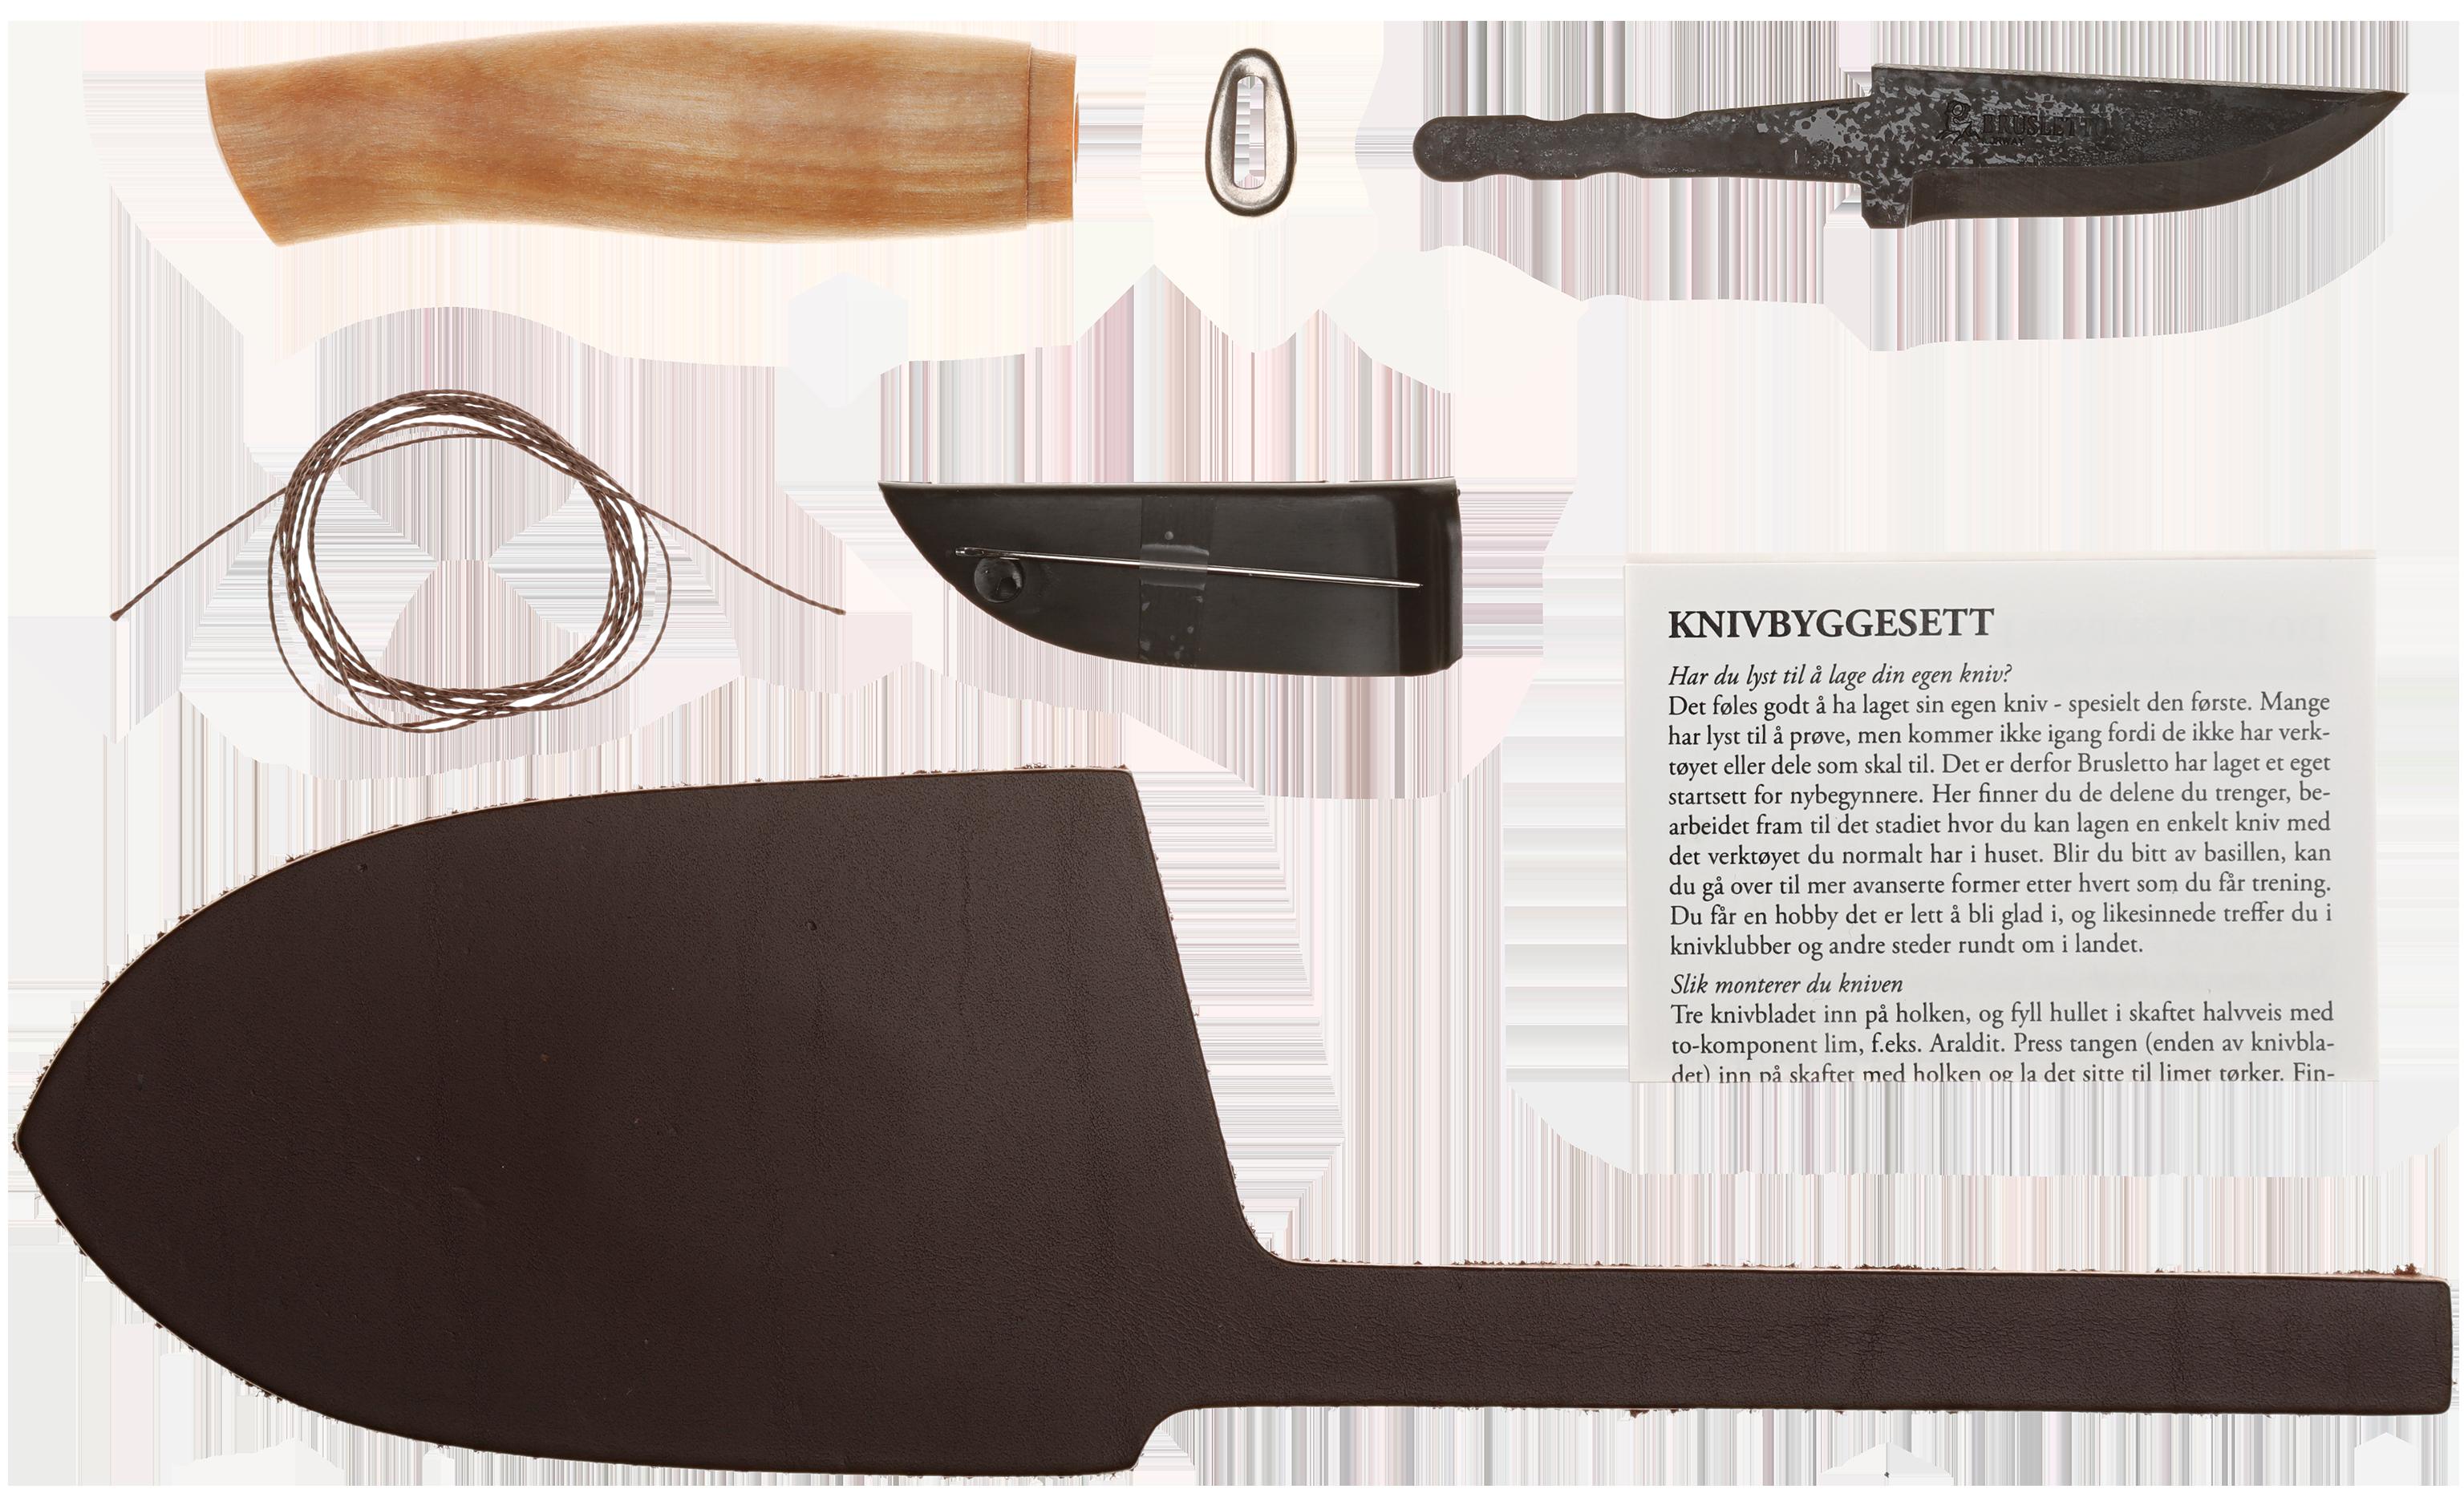 Brusletto Byggesett 3 Spikkekniv